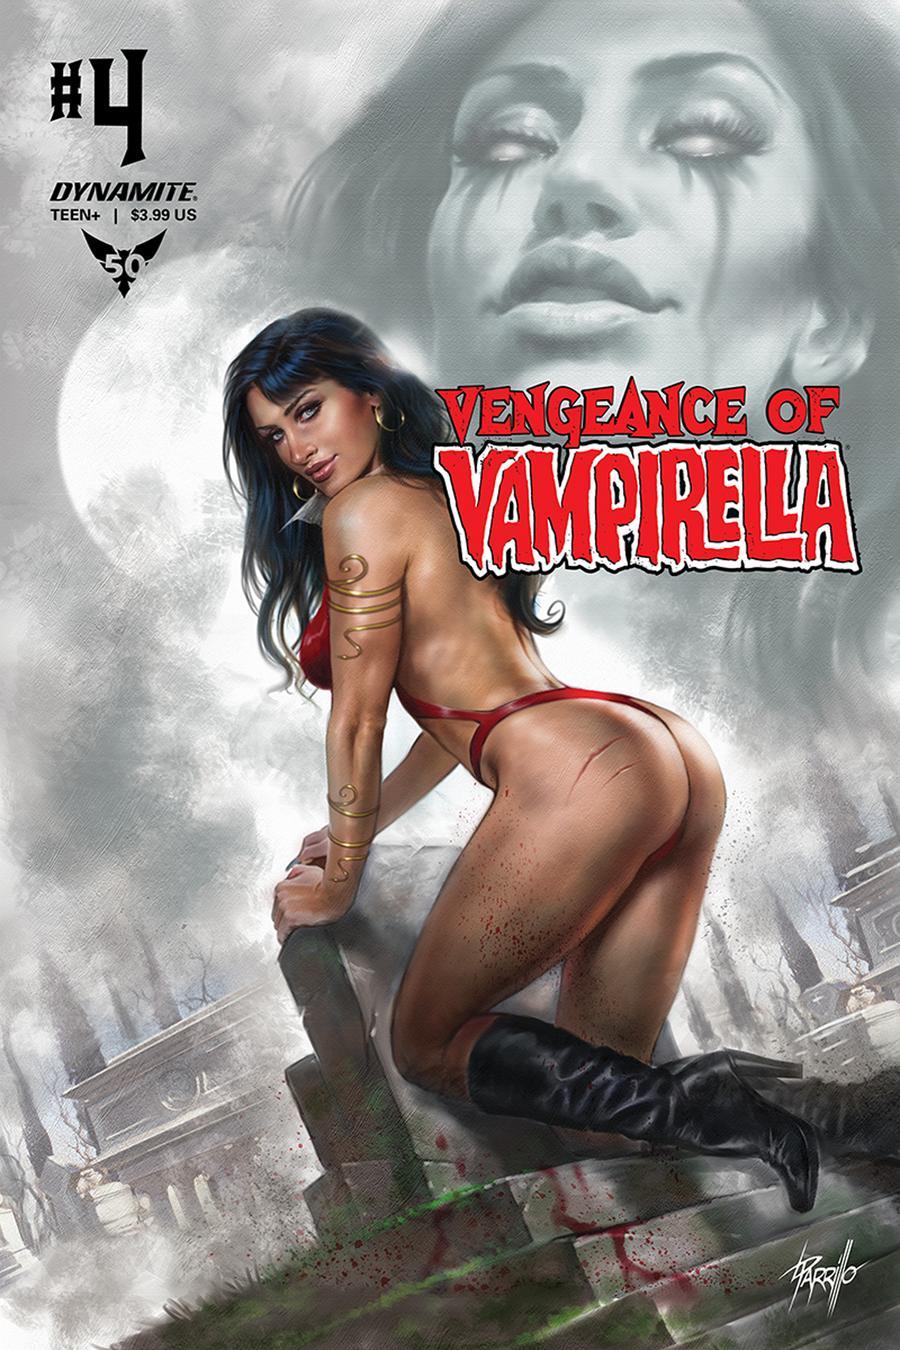 Vengeance Of Vampirella Vol 2 #4 Cover A Regular Lucio Parrillo Cover